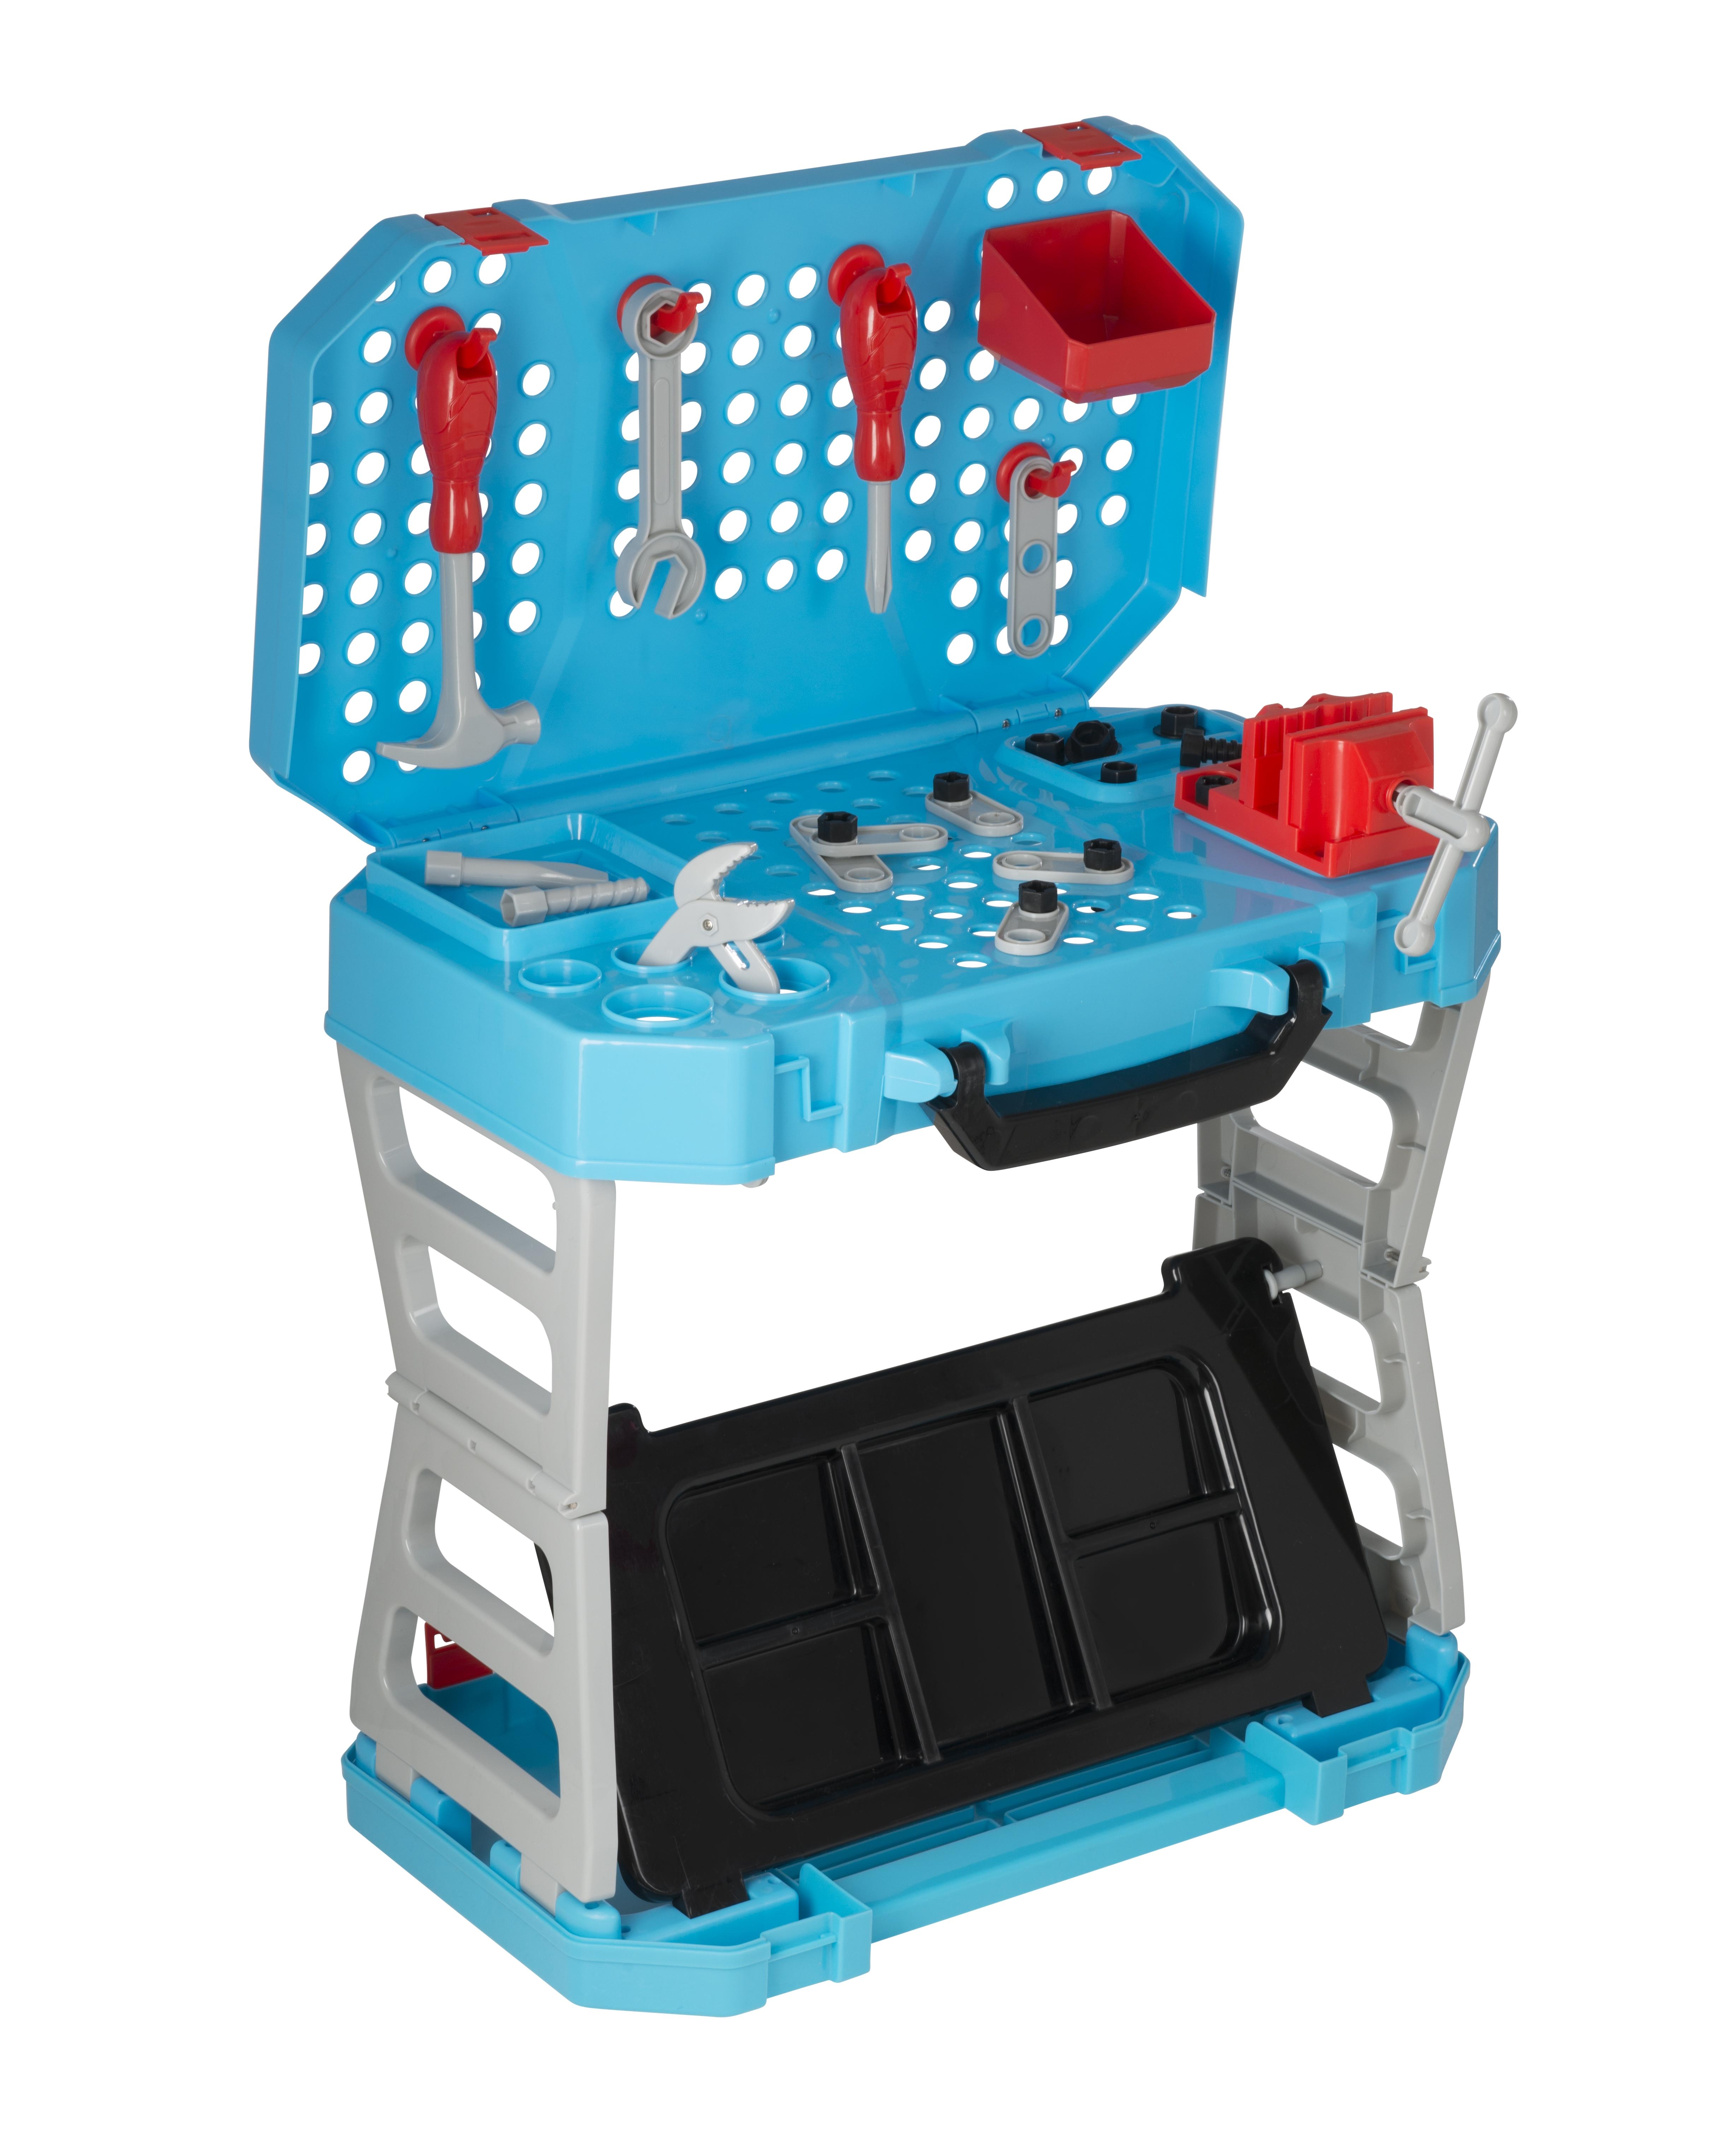 Складная портативная мастерская Smart Smart в чемоданчике мастерская малыша чемоданчик 5 набор основ и материалов для творчества